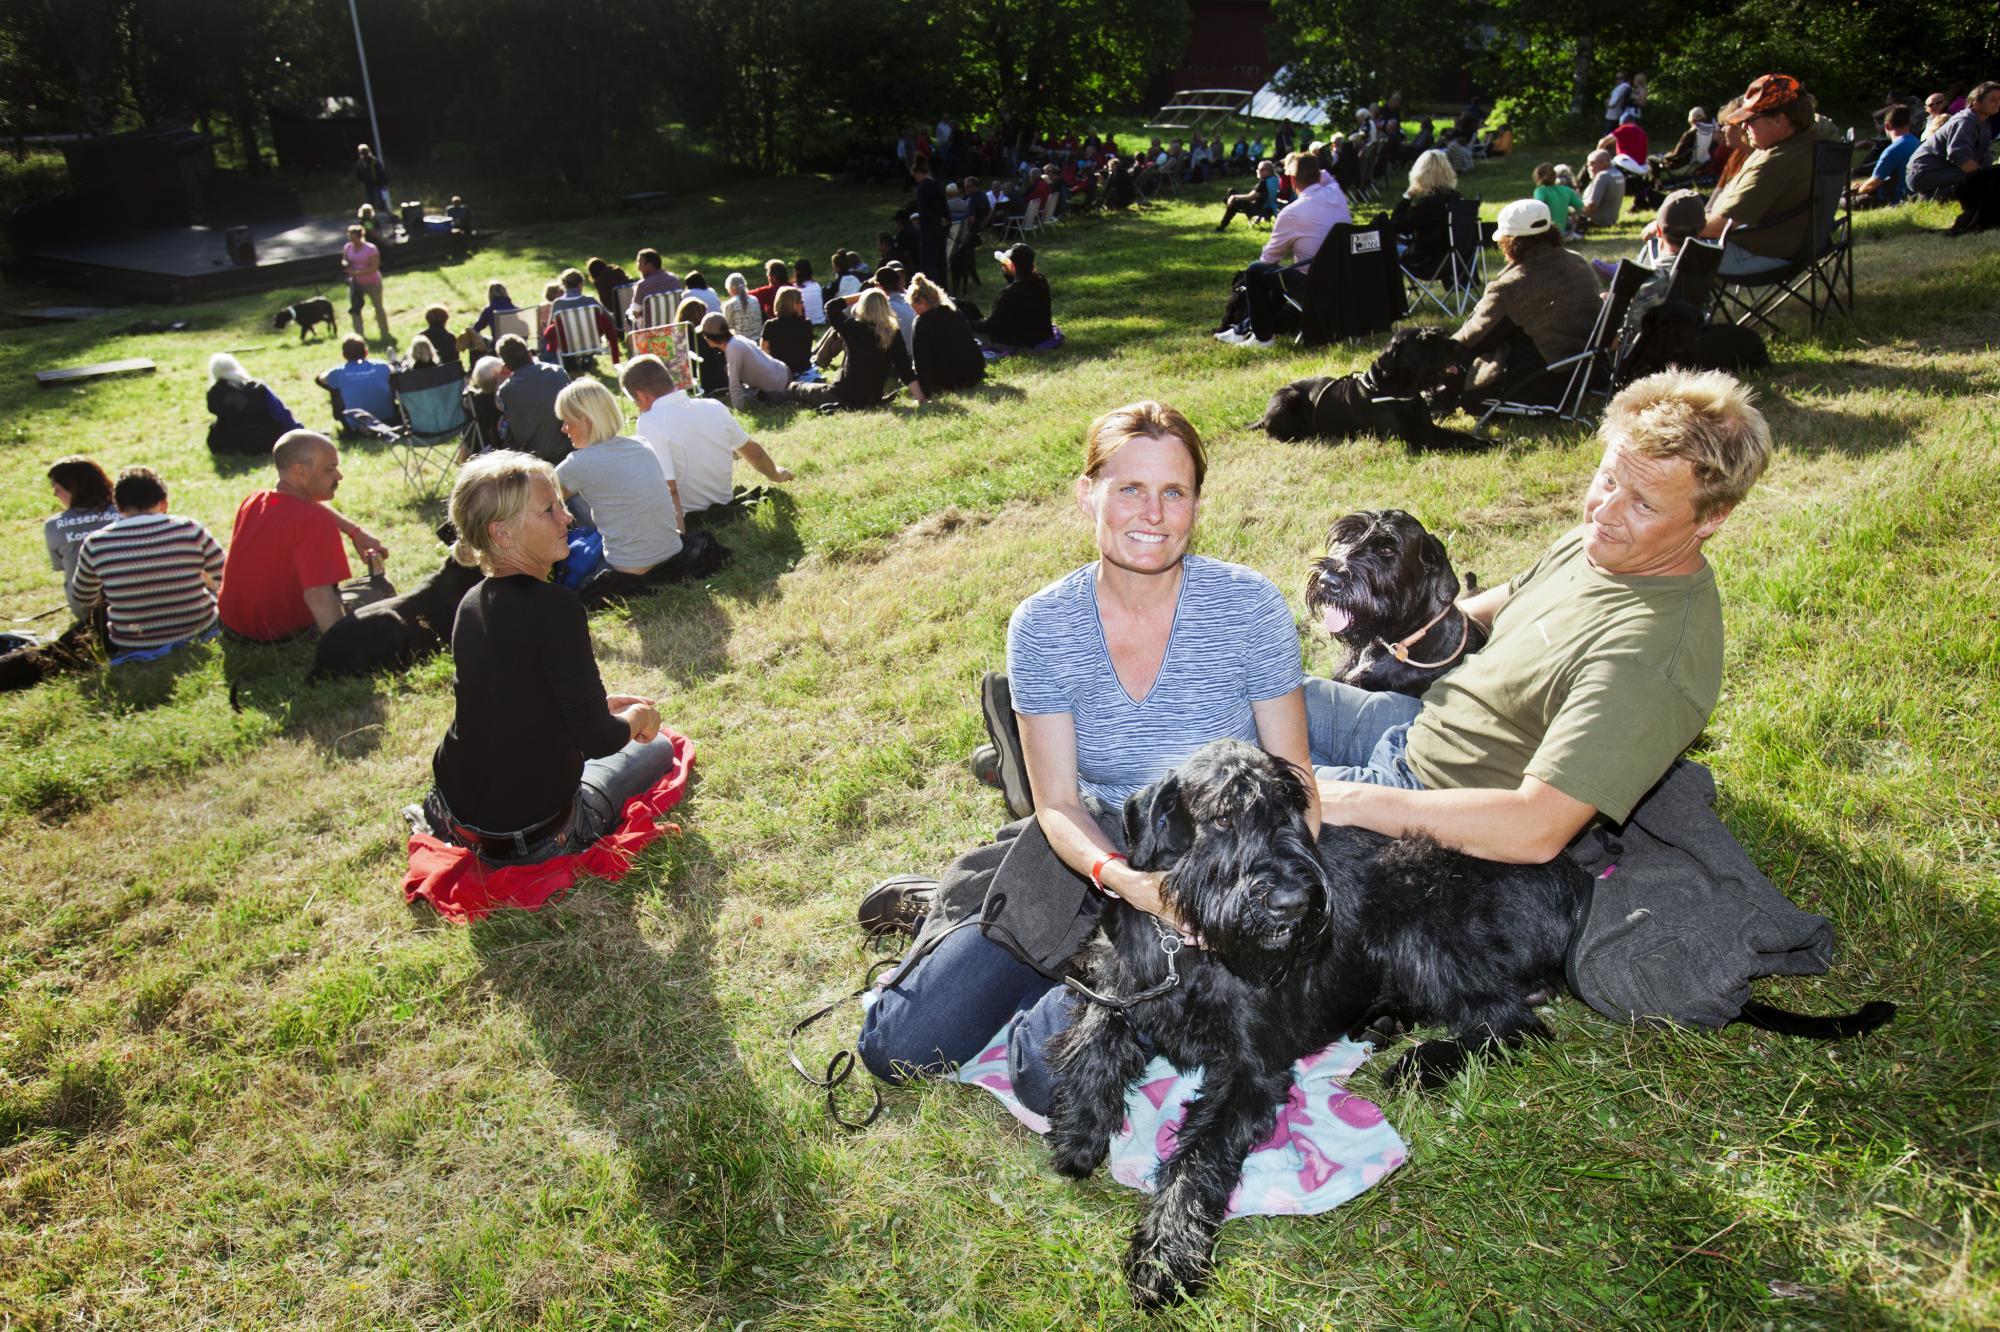 I backen framför scenen samlas alla deltagare för att inviga och avsluta lägret. Helene Jerling med sina hundar Dusko's Dusk To Dawn \